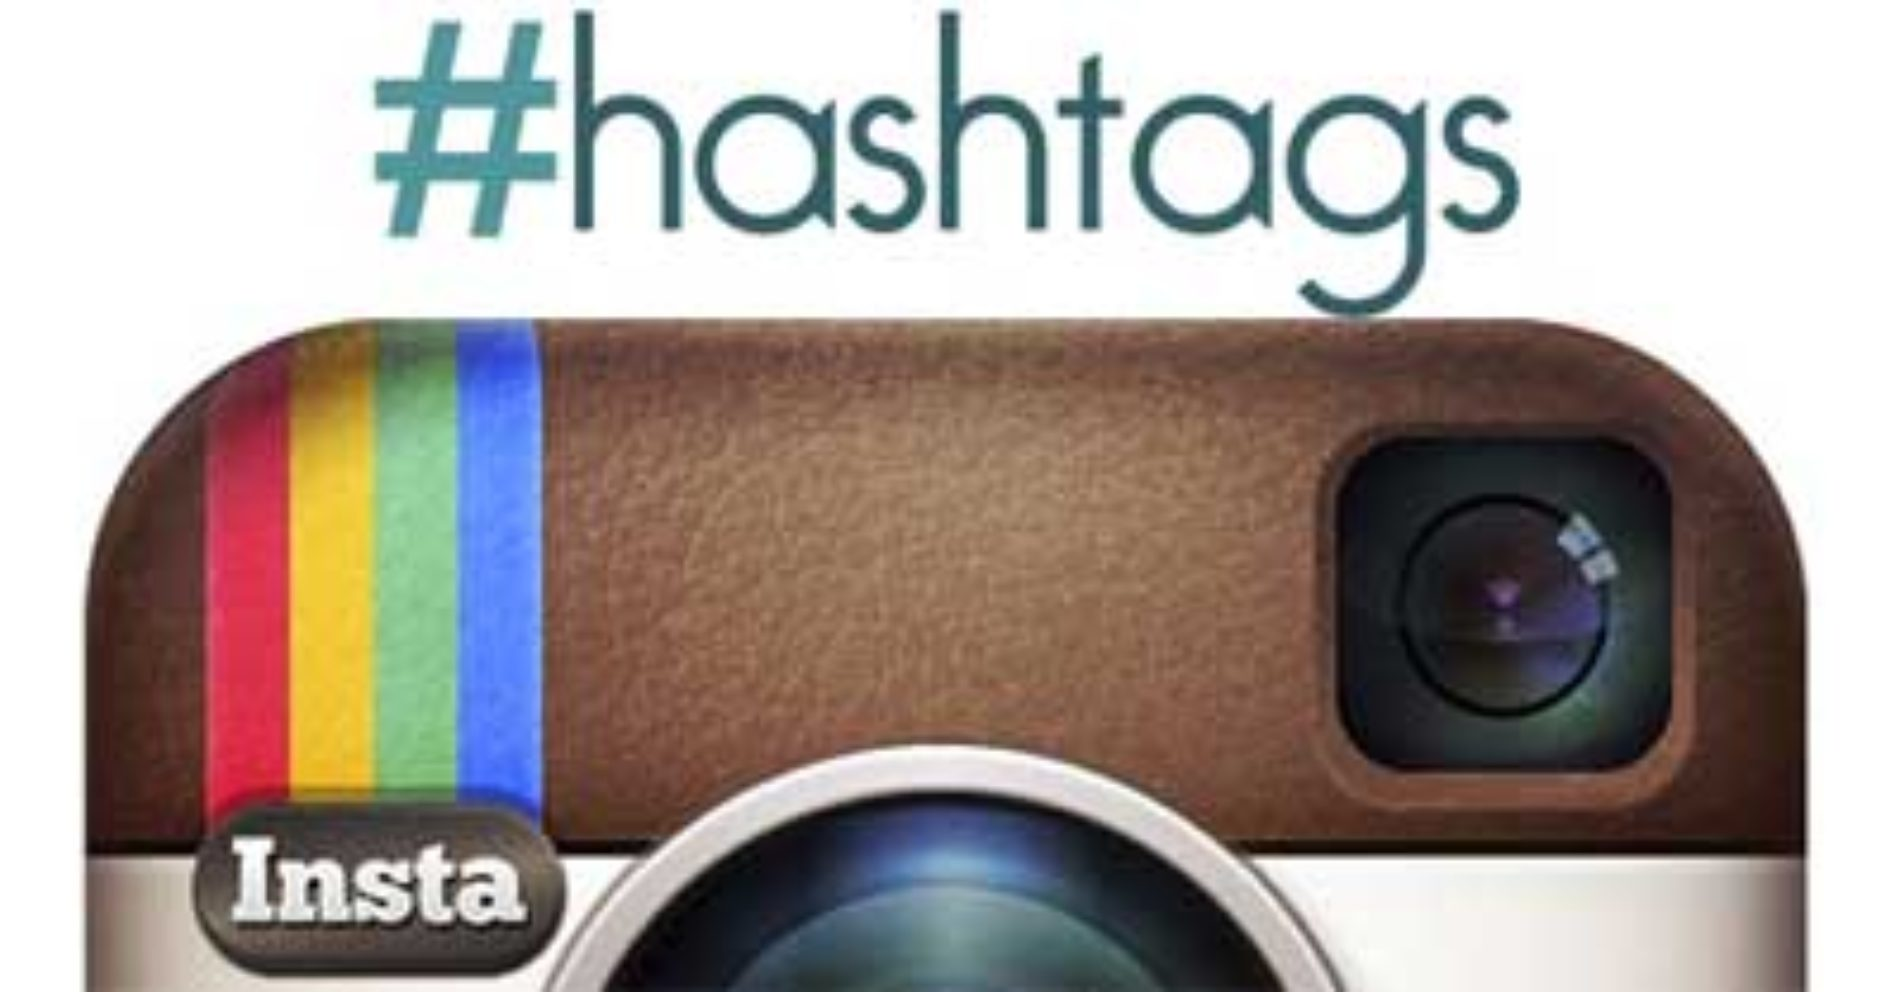 dc919951c Hvordan bli stor på Instagram - få flere likes og følgere!